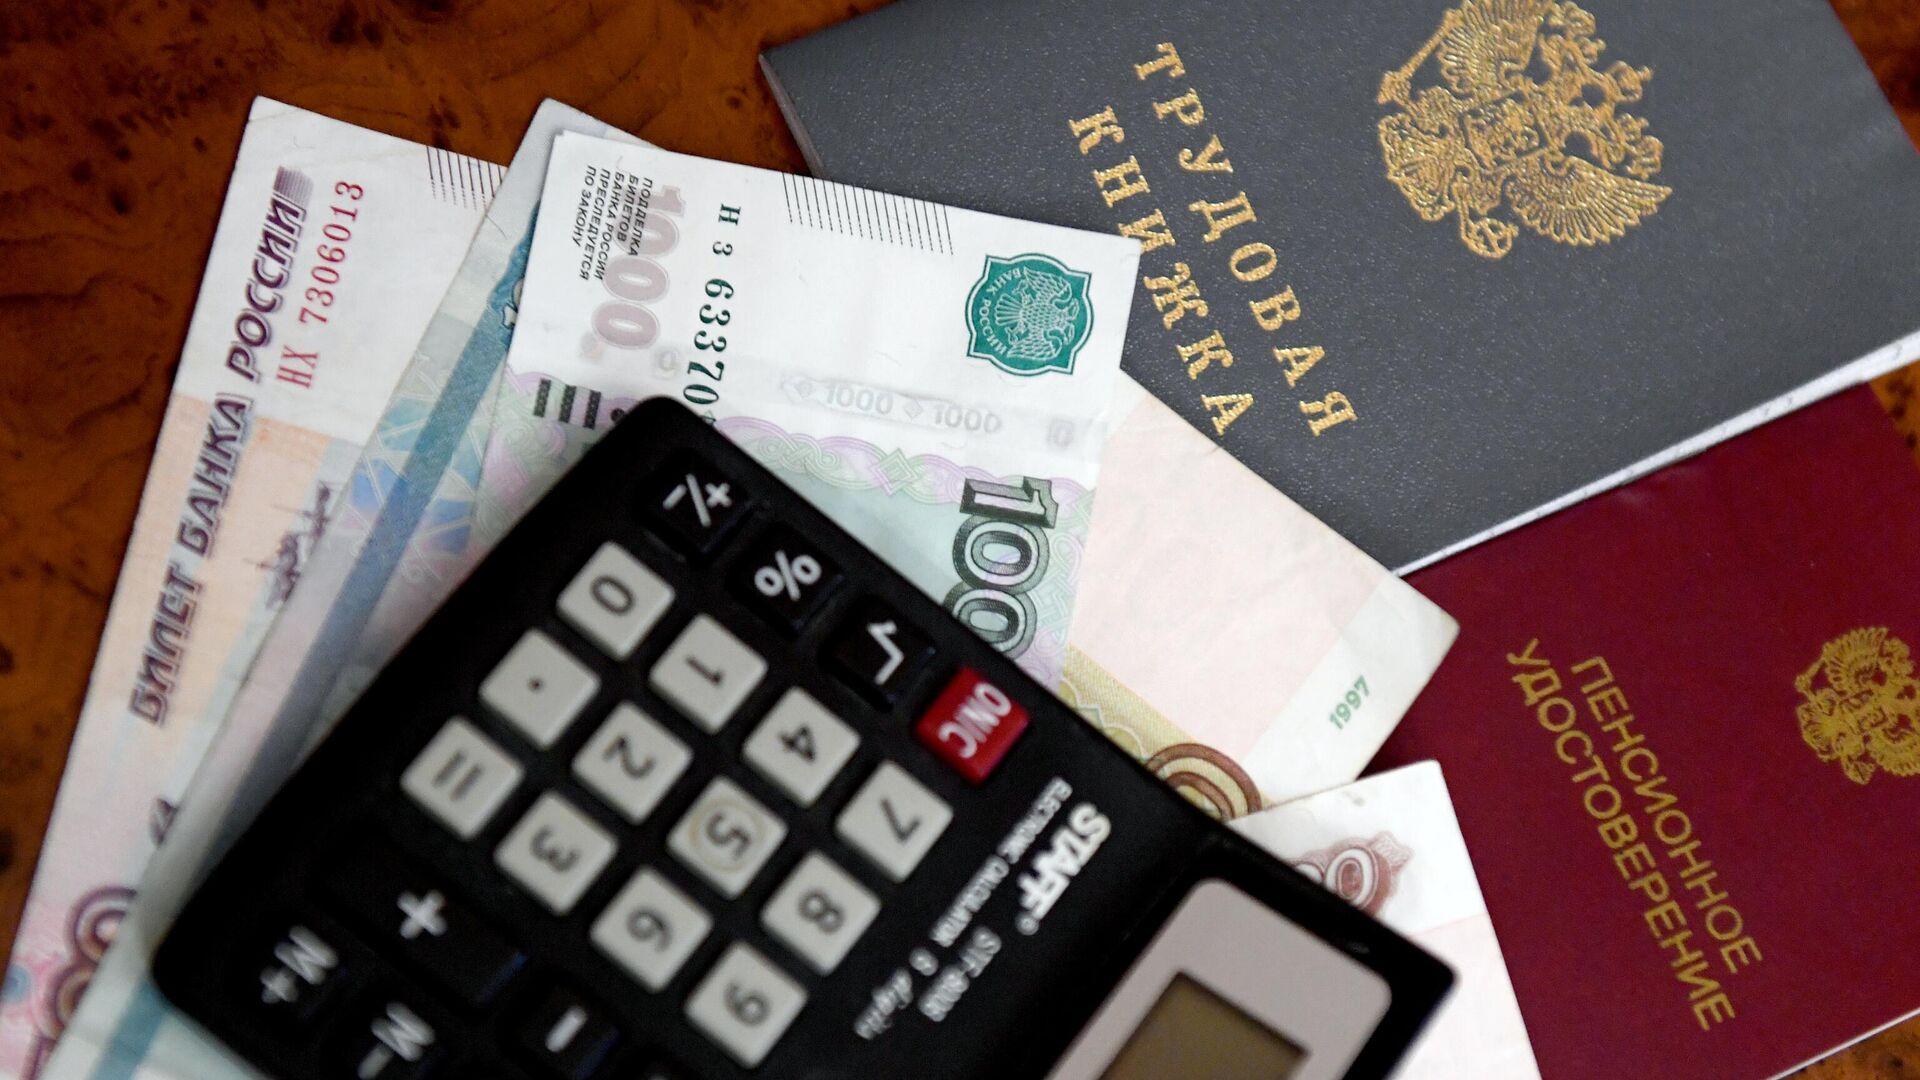 Трудовая книжка, пенсионное удостоверение, деньги - РИА Новости, 1920, 08.02.2021